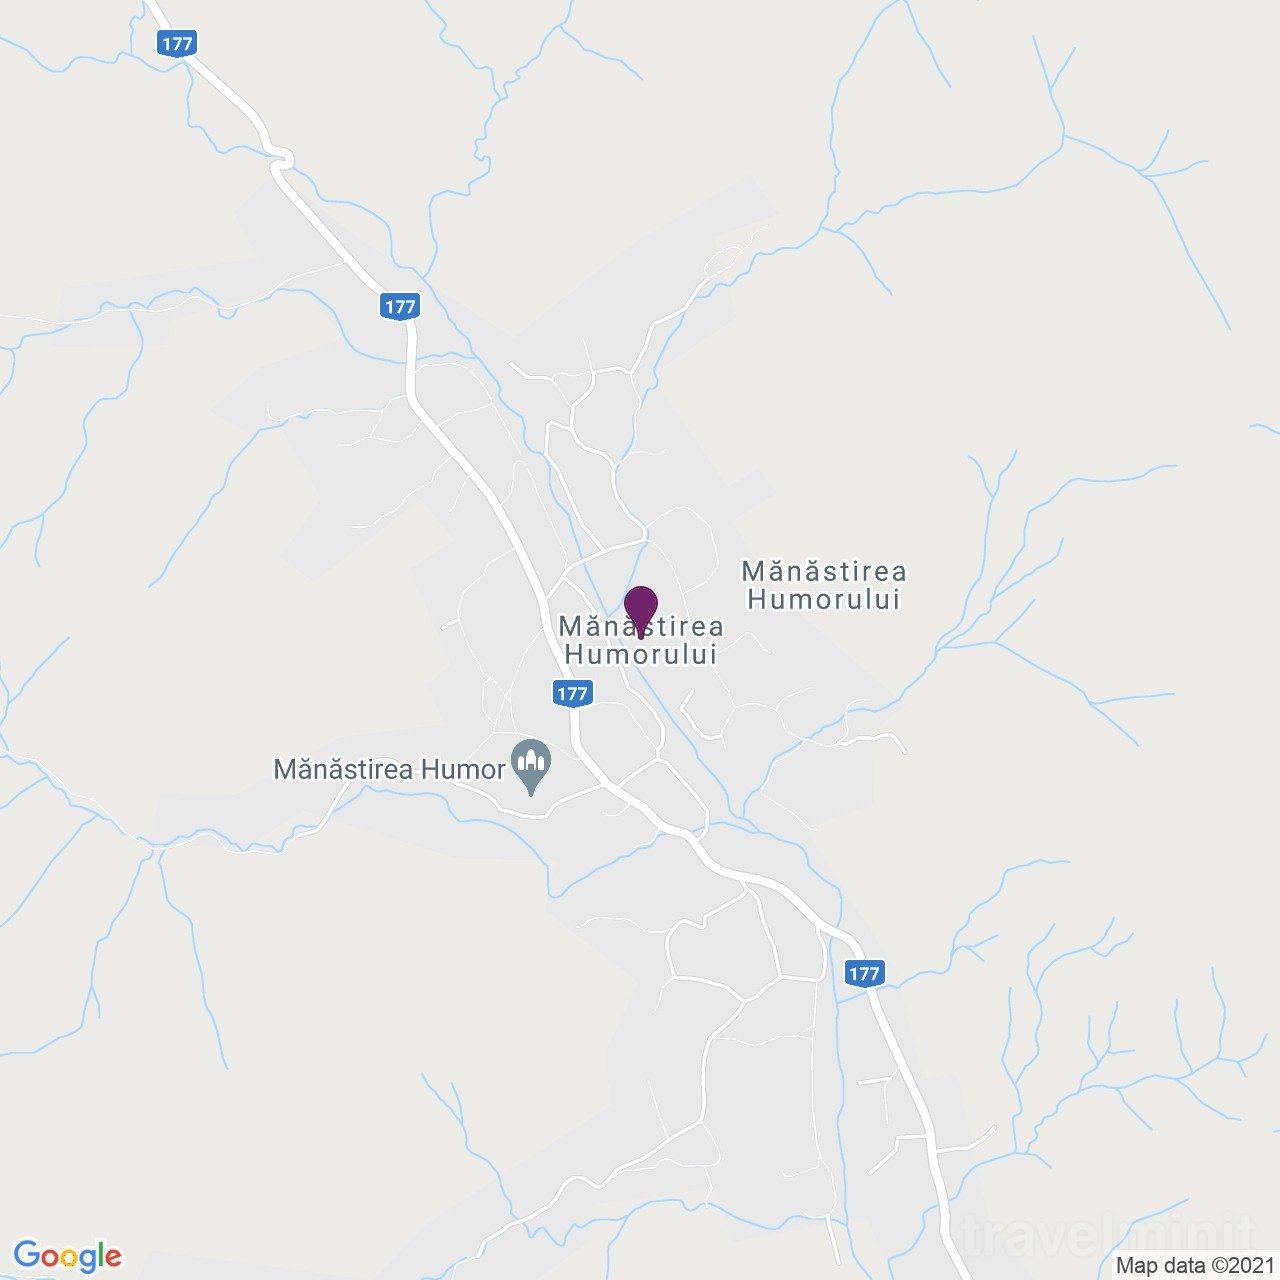 Casa Maria Mănăstirea Humorului